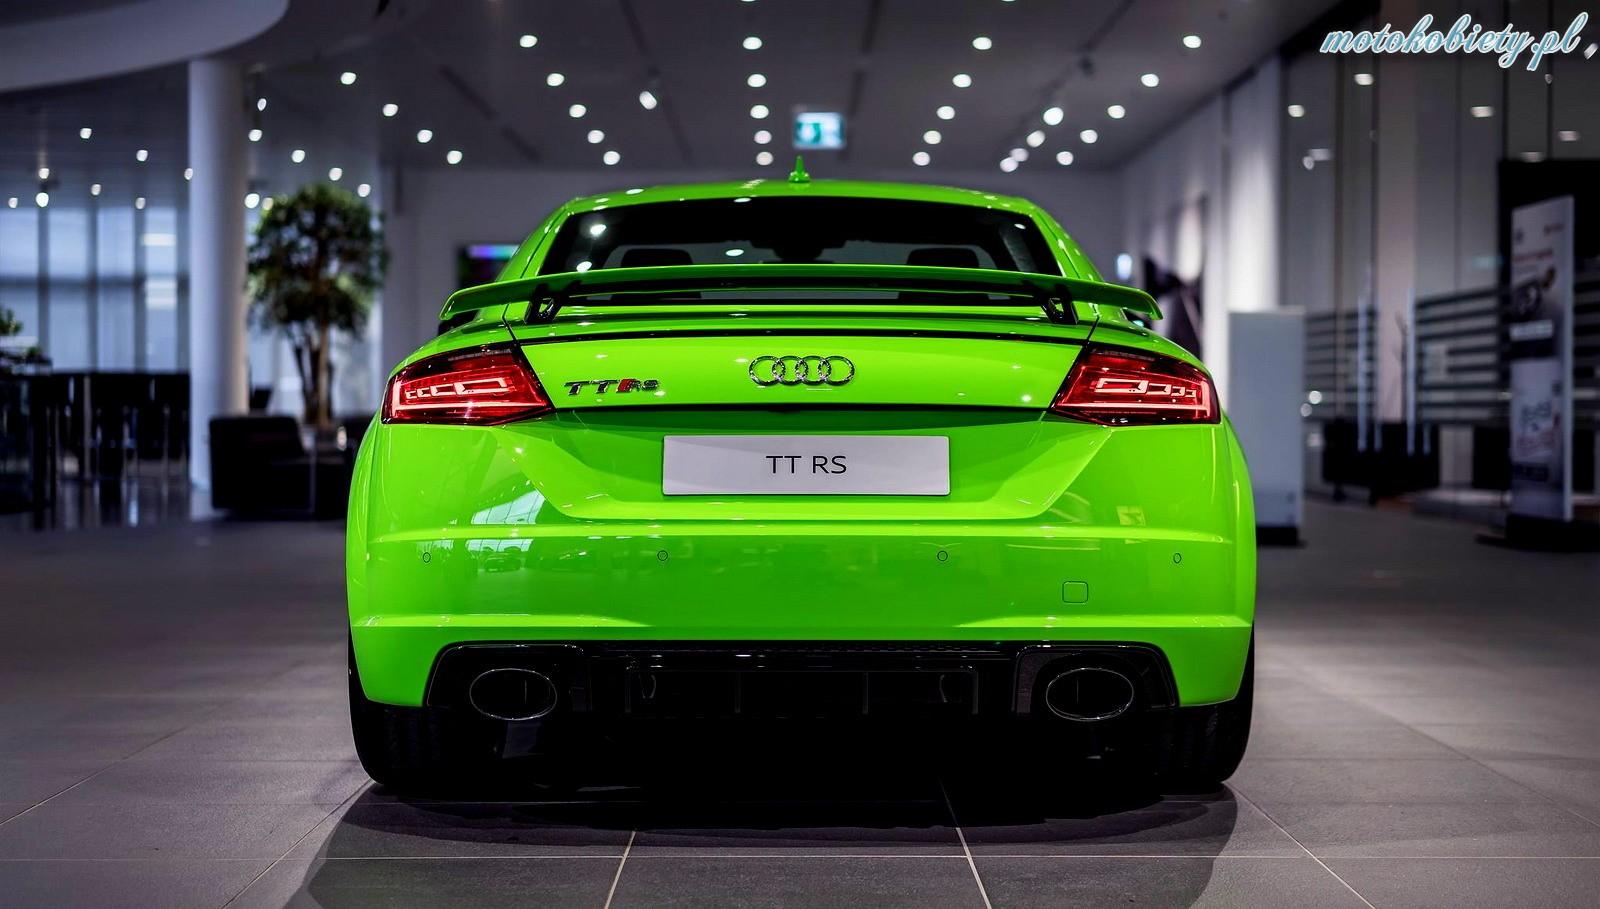 Audi TT RS Lime Green